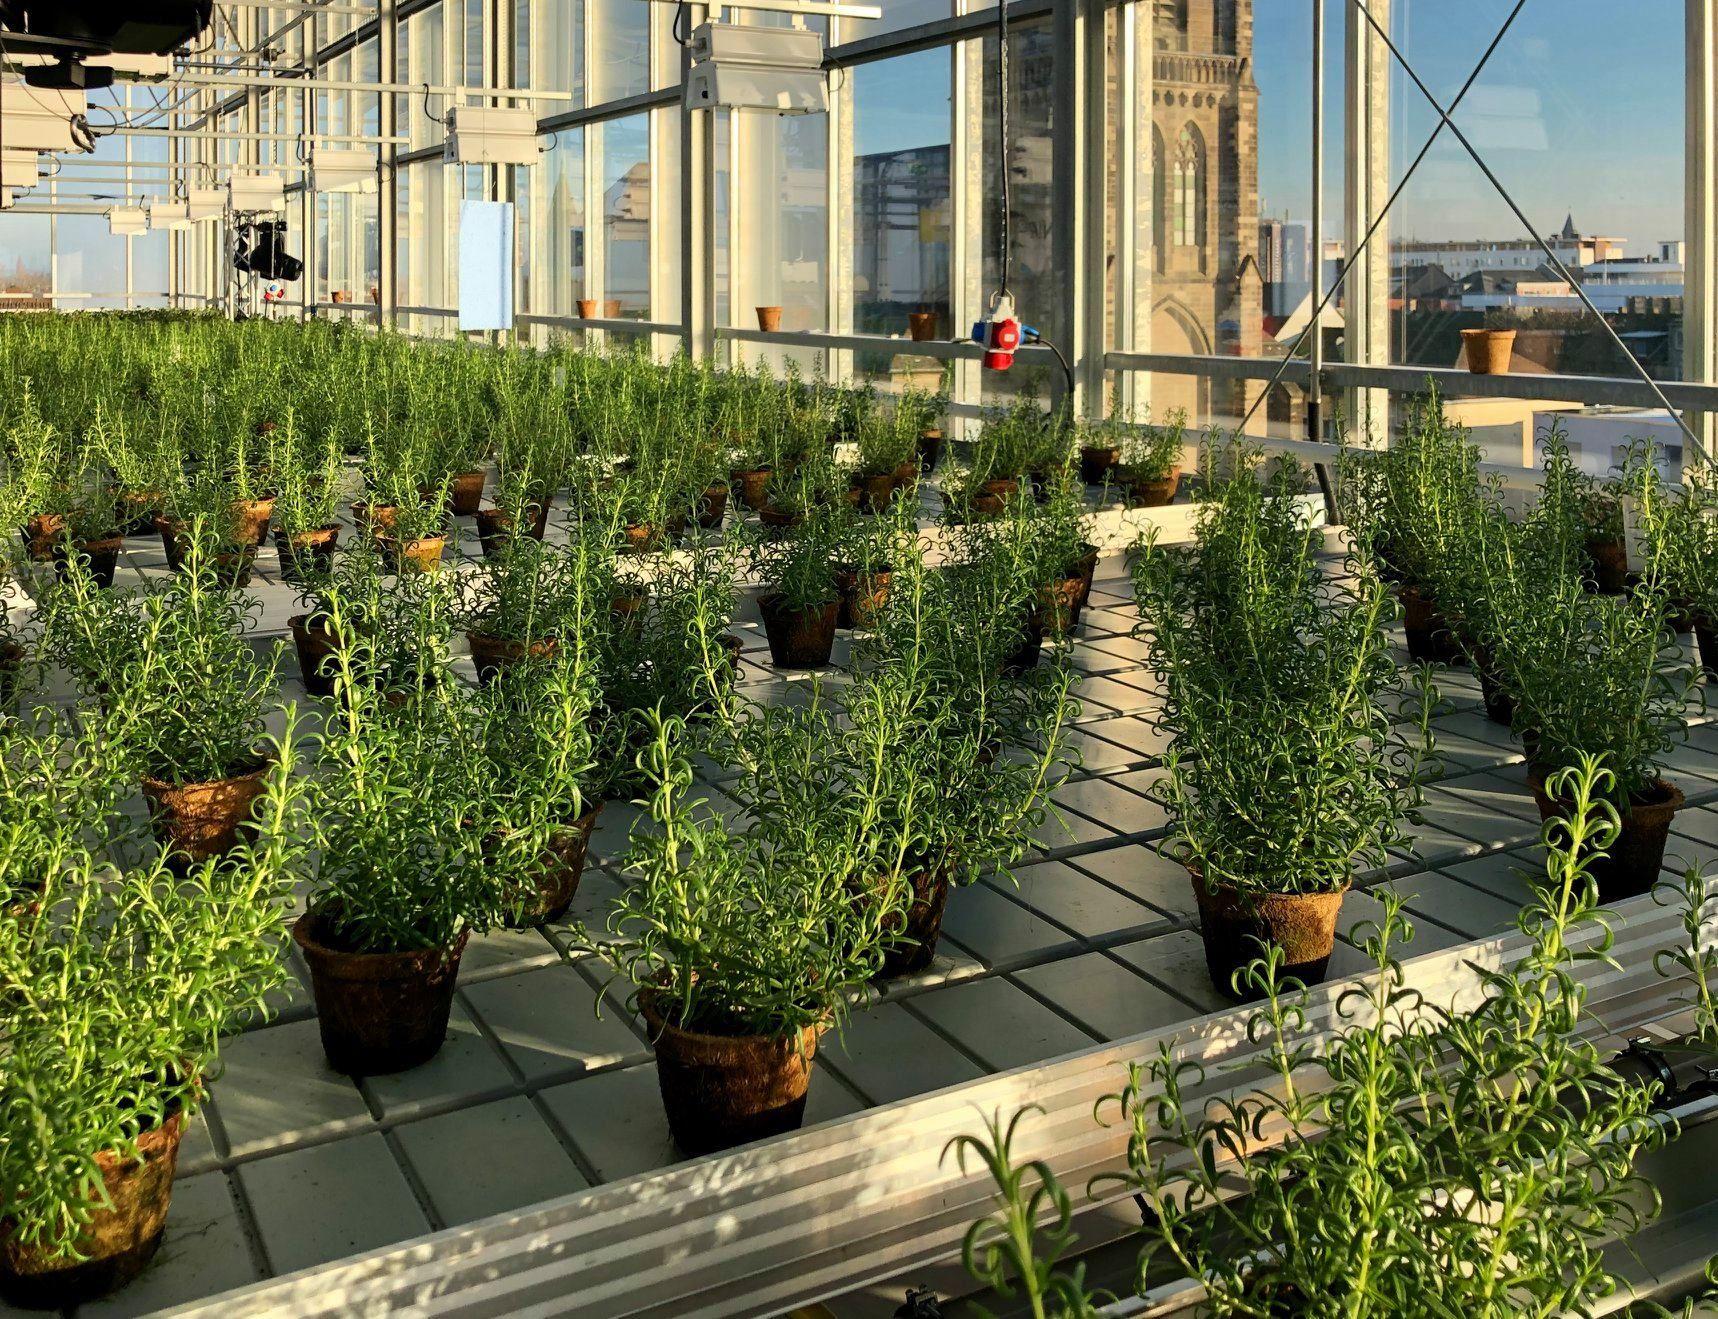 Indoor-Farming in Oberhausen